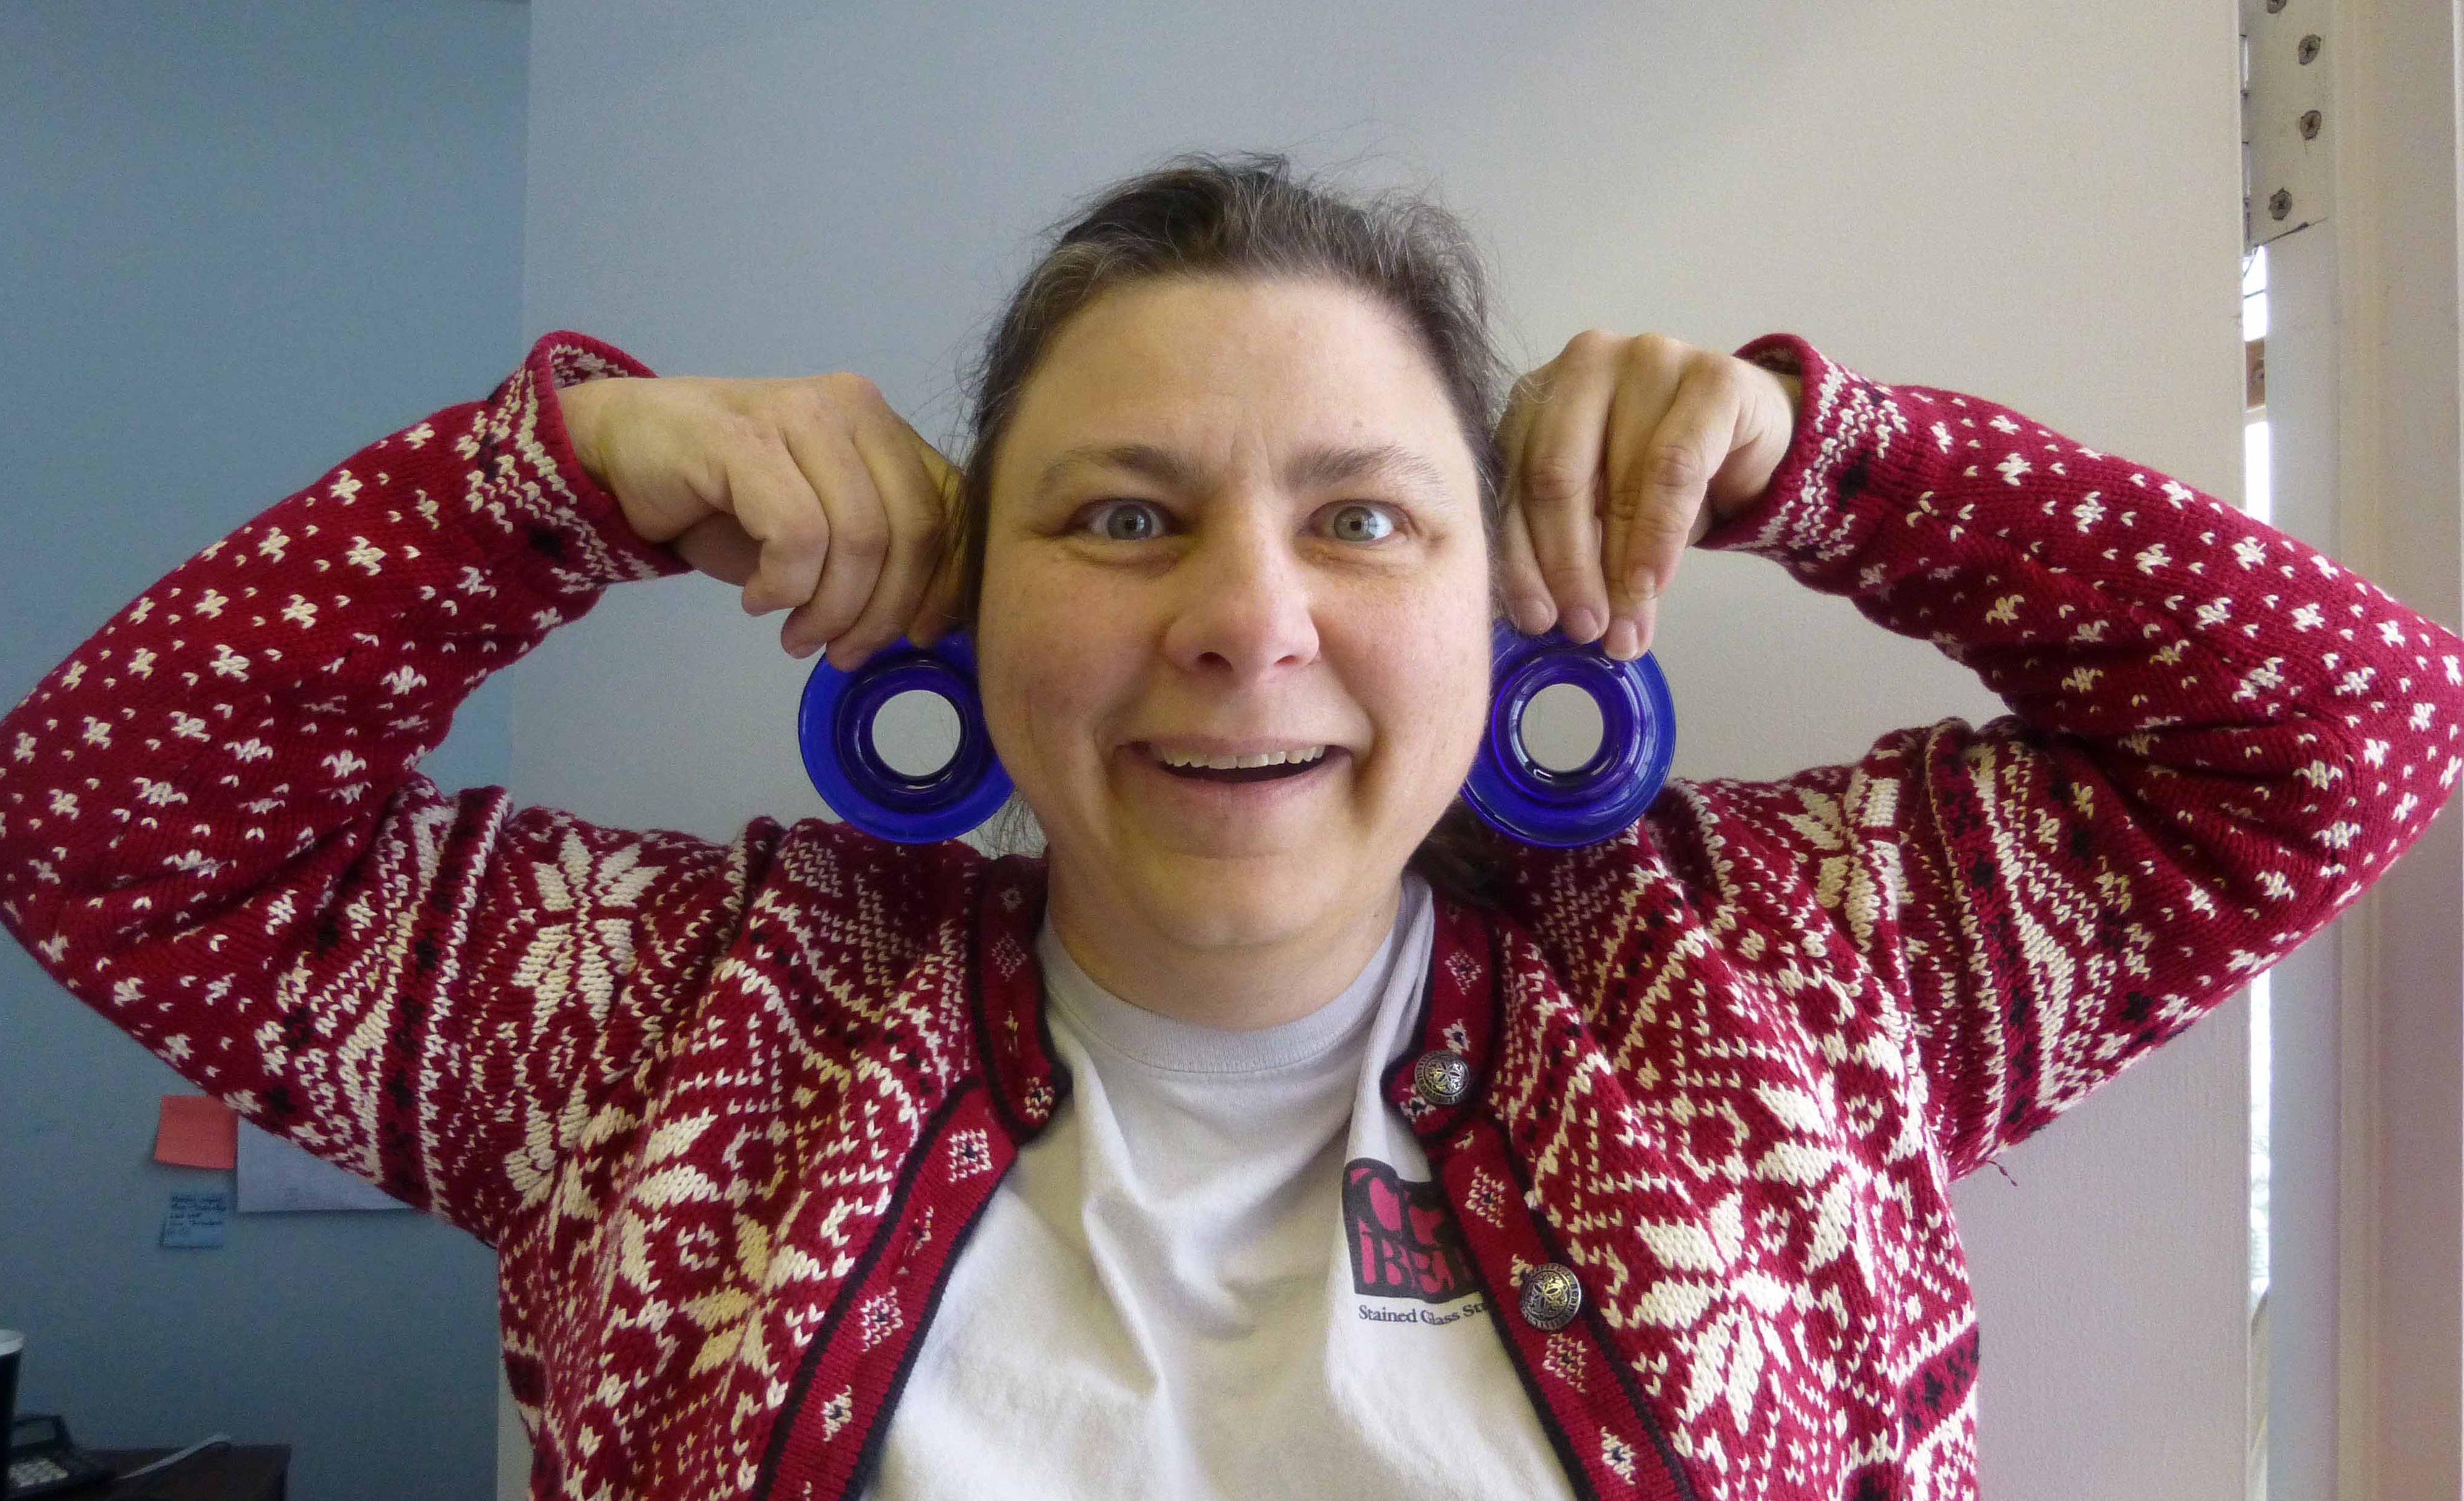 Lori's Plugs